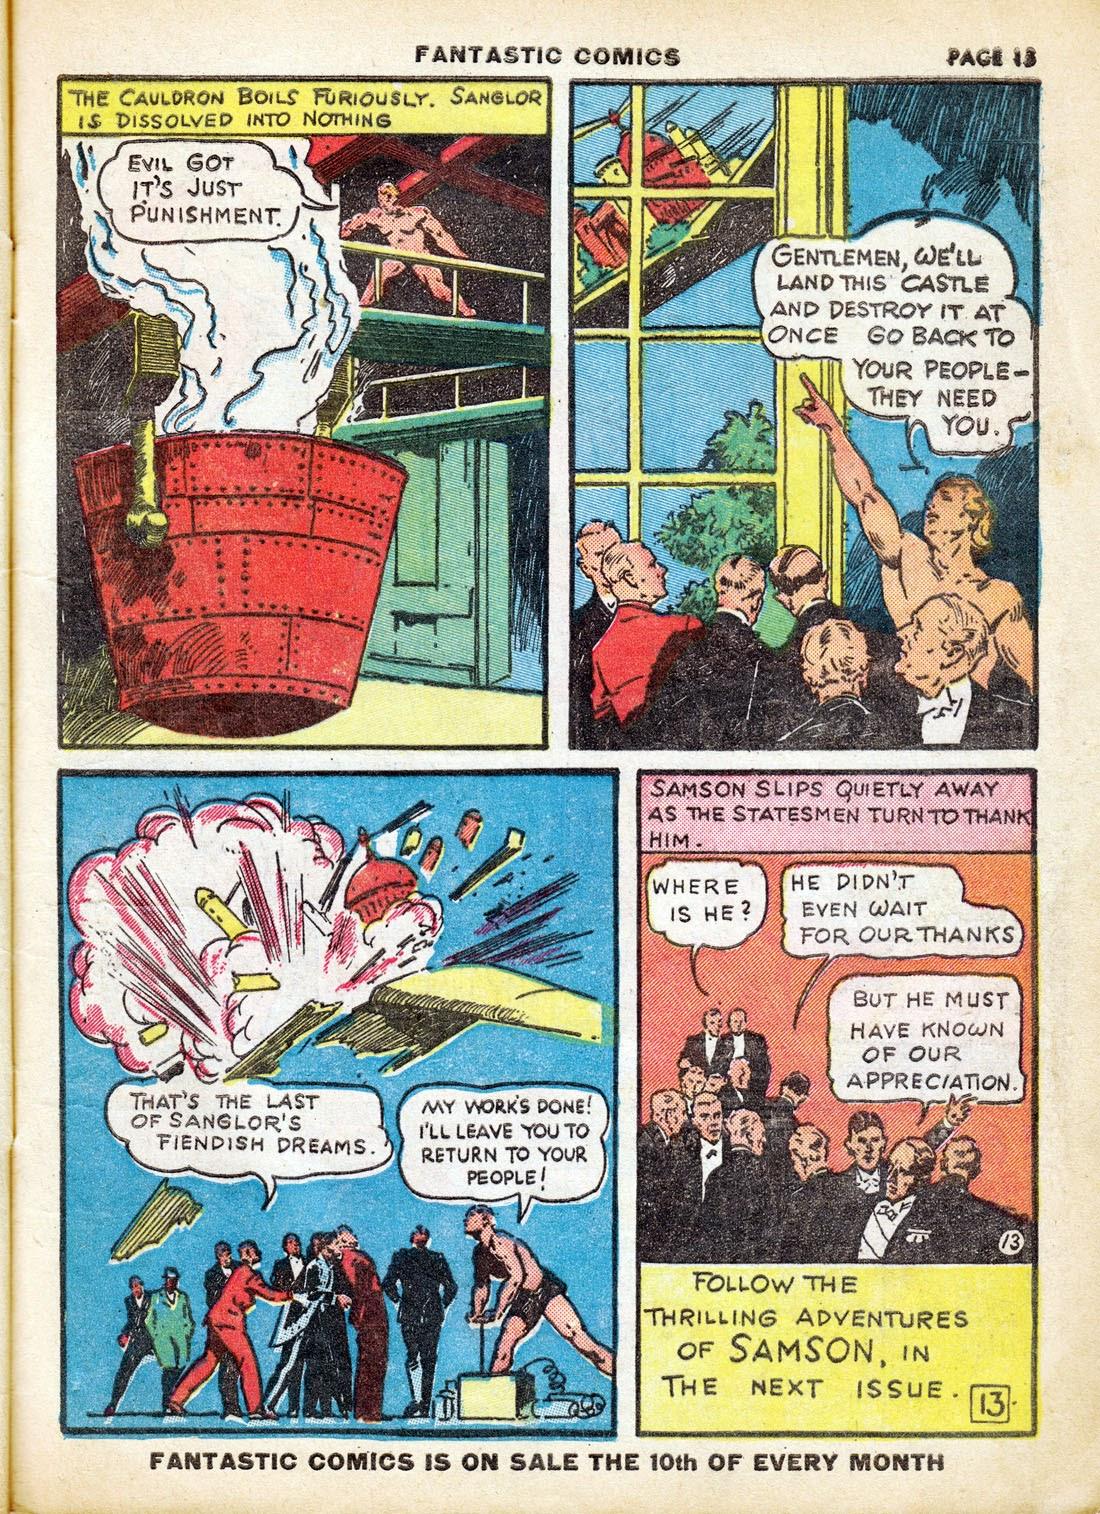 Read online Fantastic Comics comic -  Issue #7 - 15